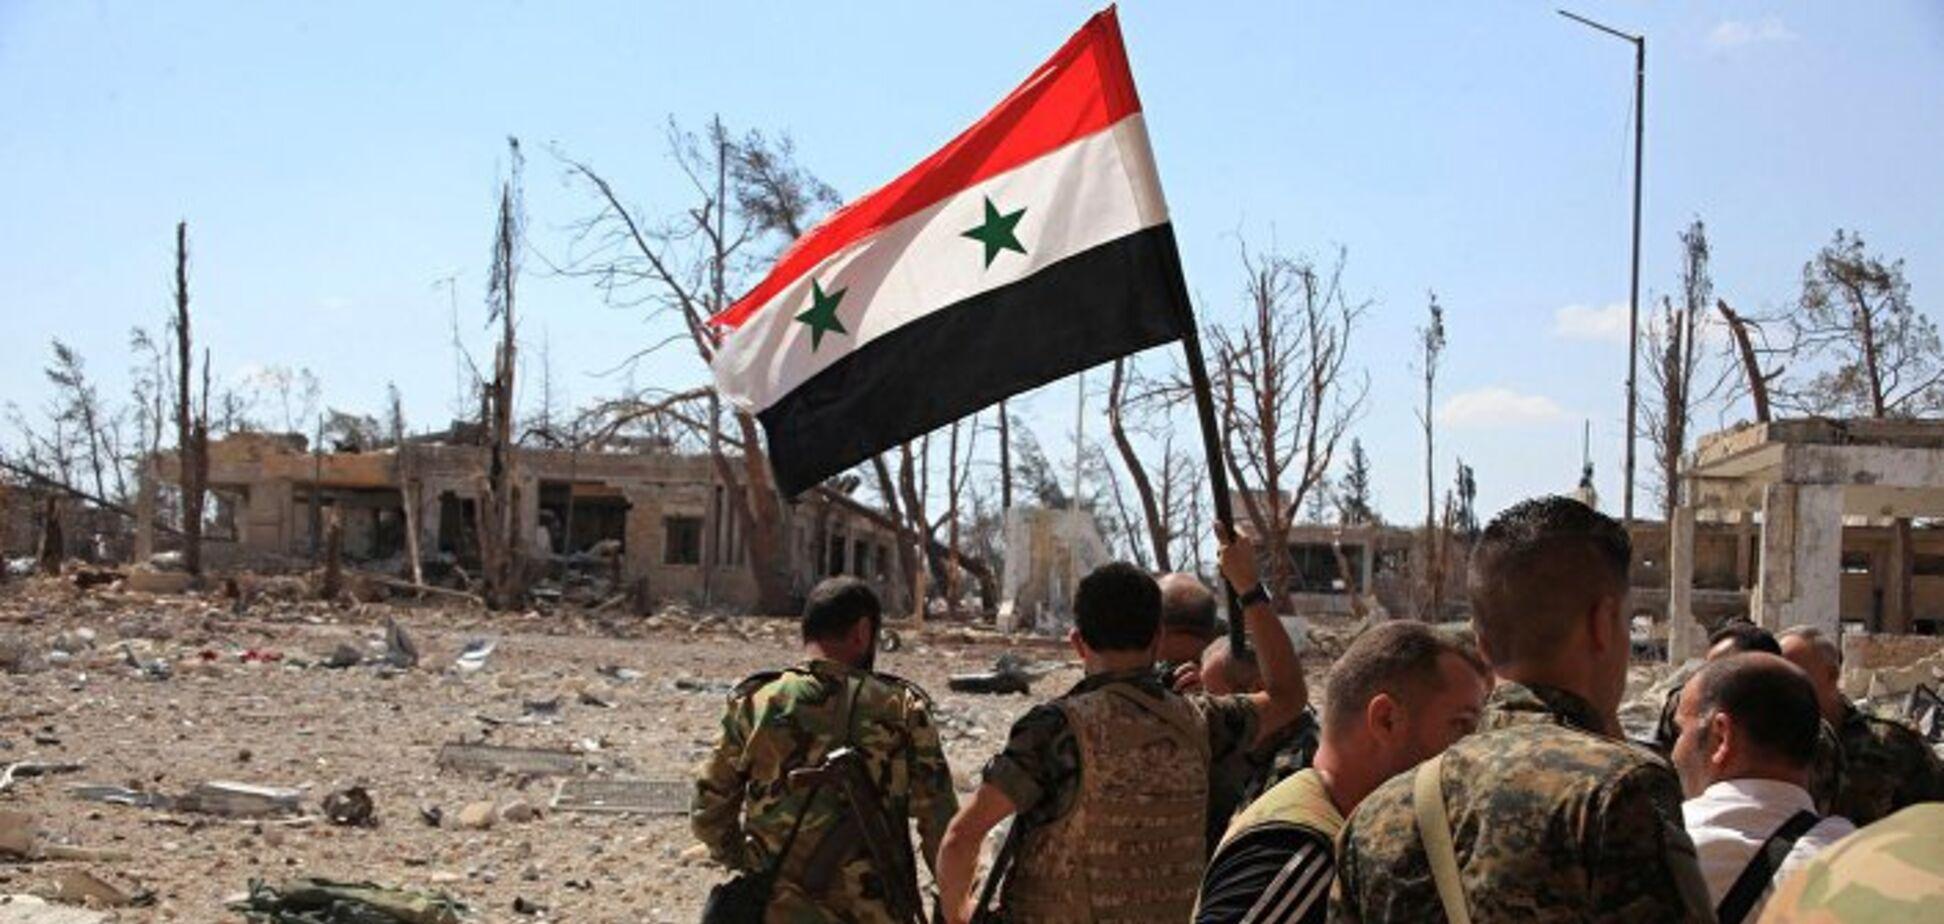 Ліквідація ватажка ІДІЛ: у Сирії затримали важливого свідка. Фото